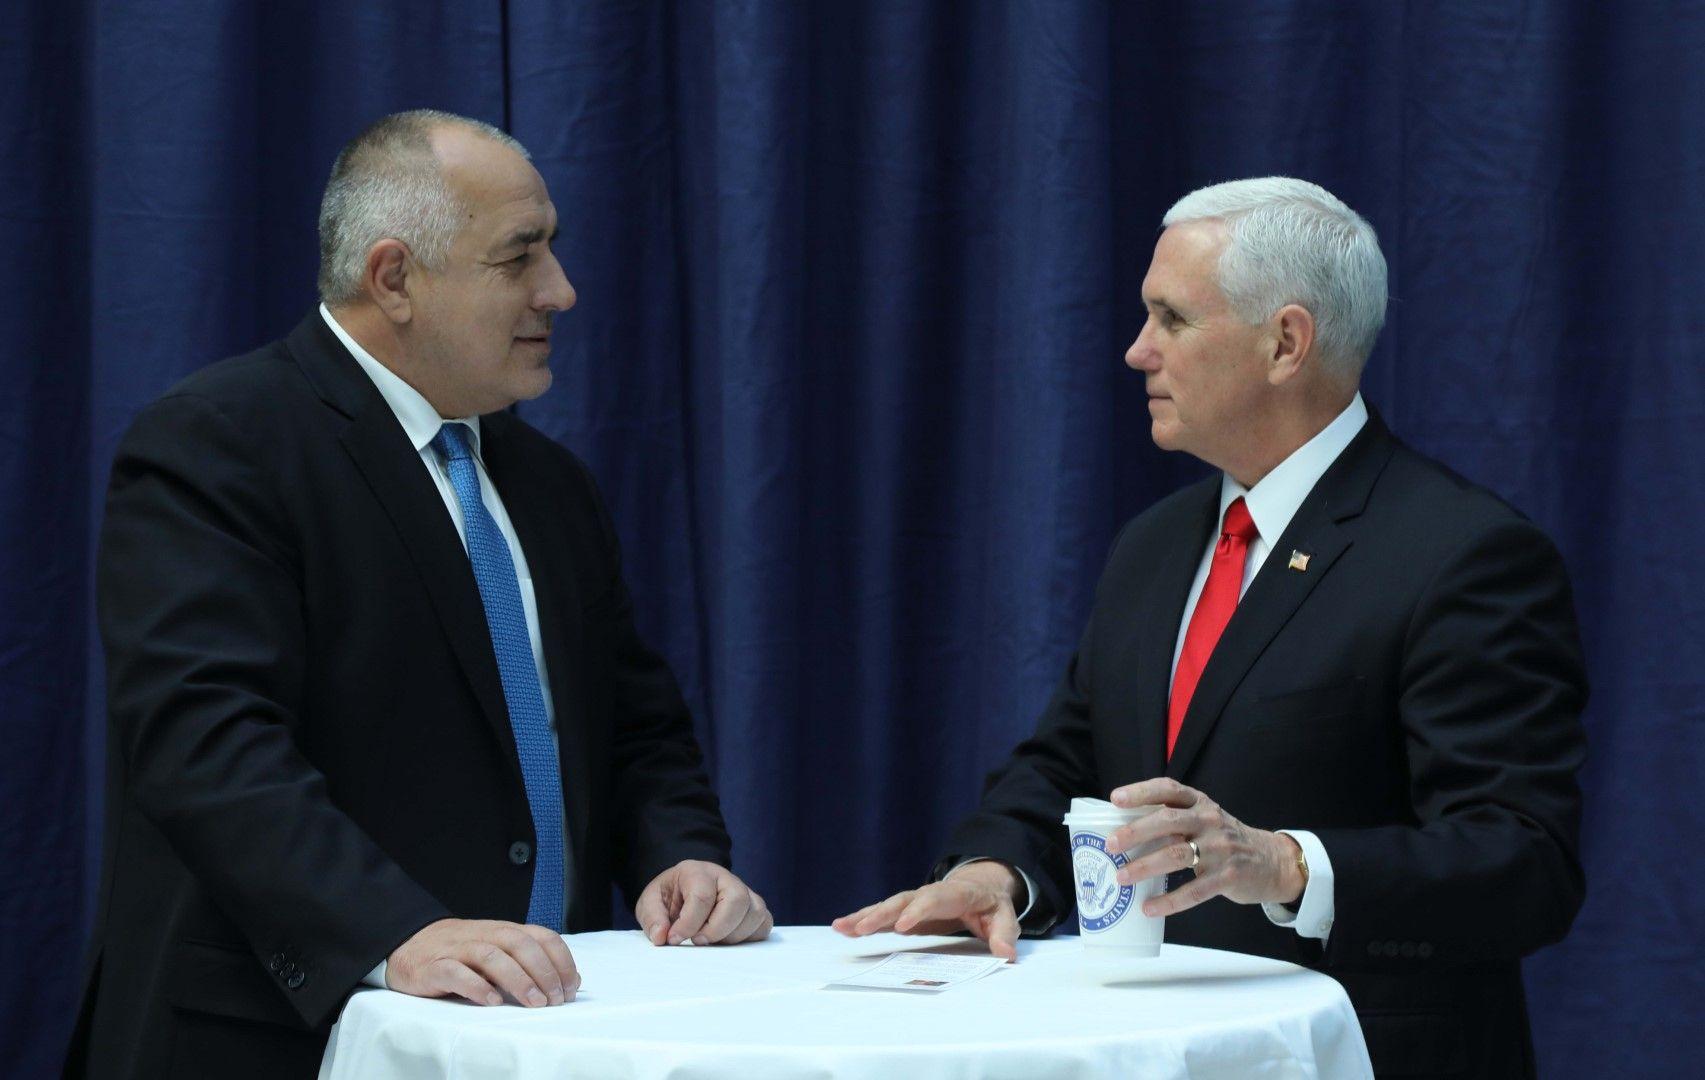 Майк Пенс ще изпрати в България хора от екипа си - ще посетят съвместните българо-американски бази